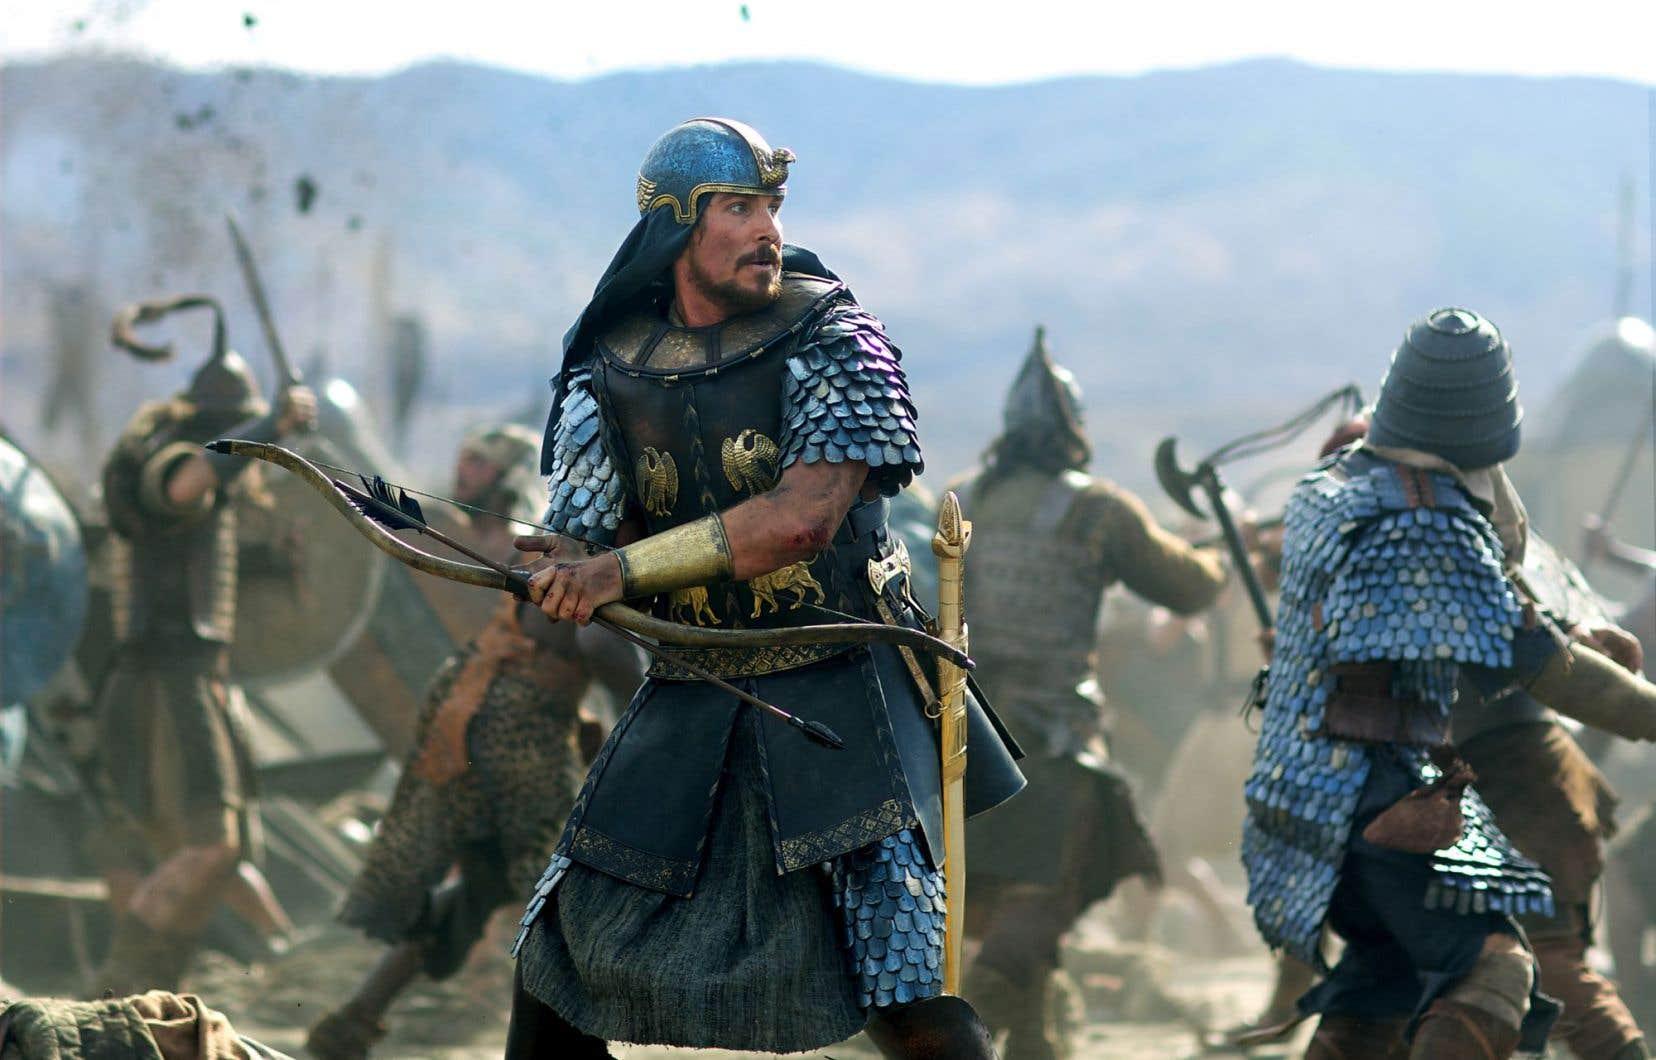 Moïse, incarné par Christian Bale (jouant Christian Bale), et le chemin jusqu'aux dix commandements constituaient un sujet tout désigné pour le réalisateur Ridley Scott.